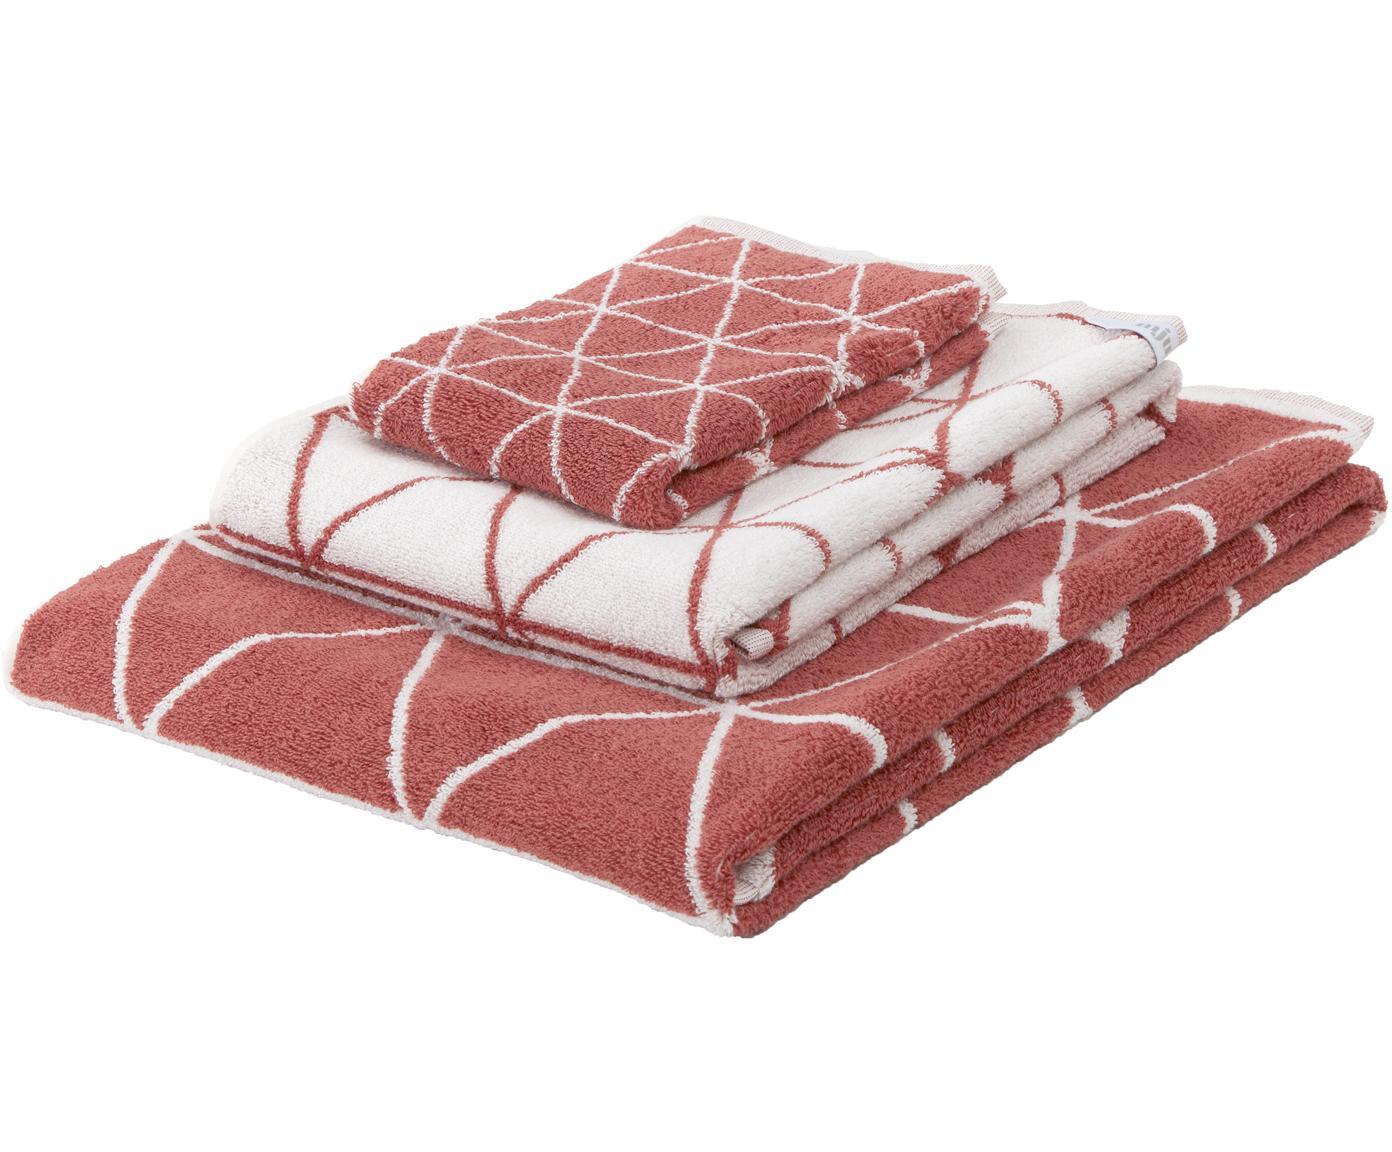 Komplet dwustronnych ręczników Elina, 3 elem., 100% bawełna Średnia gramatura 550 g/m², Terakota, kremowobiały, Różne rozmiary